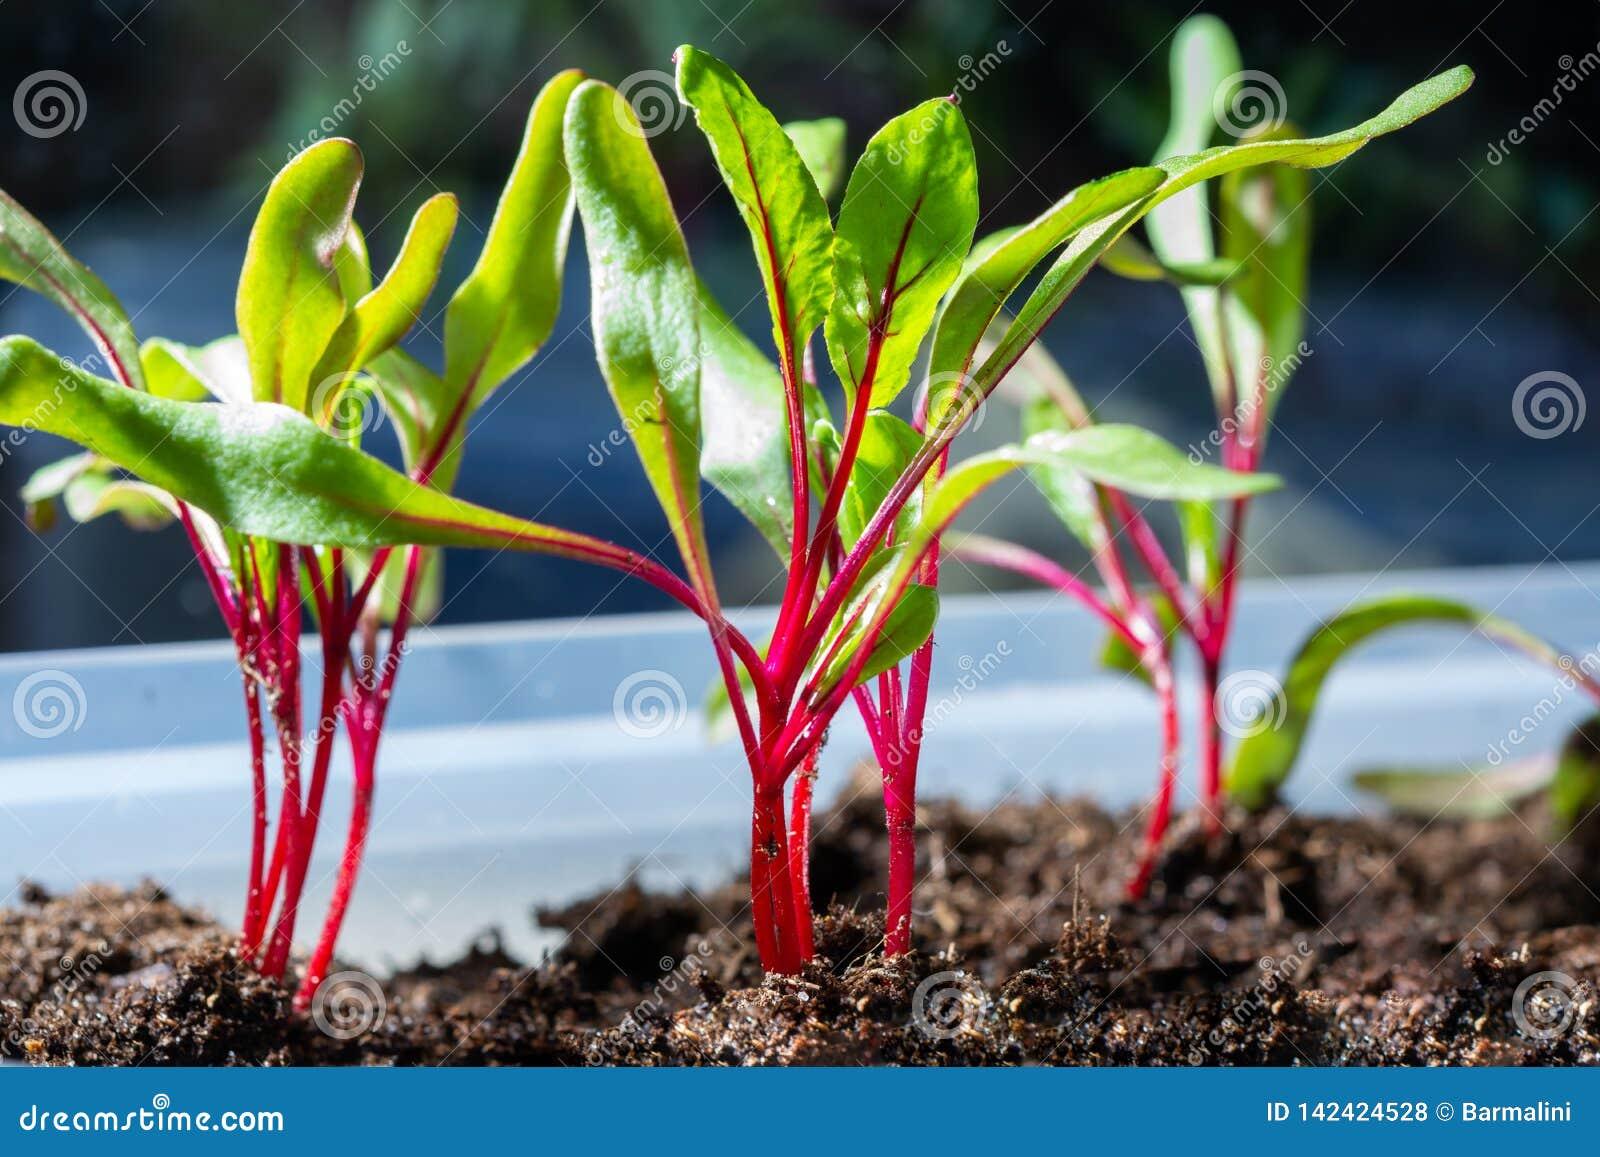 Jahreszeit der Gartensämlinge im Frühjahr, junge Sprösslinge von rote Rote-Bete-Wurzeln Gemüseanlage